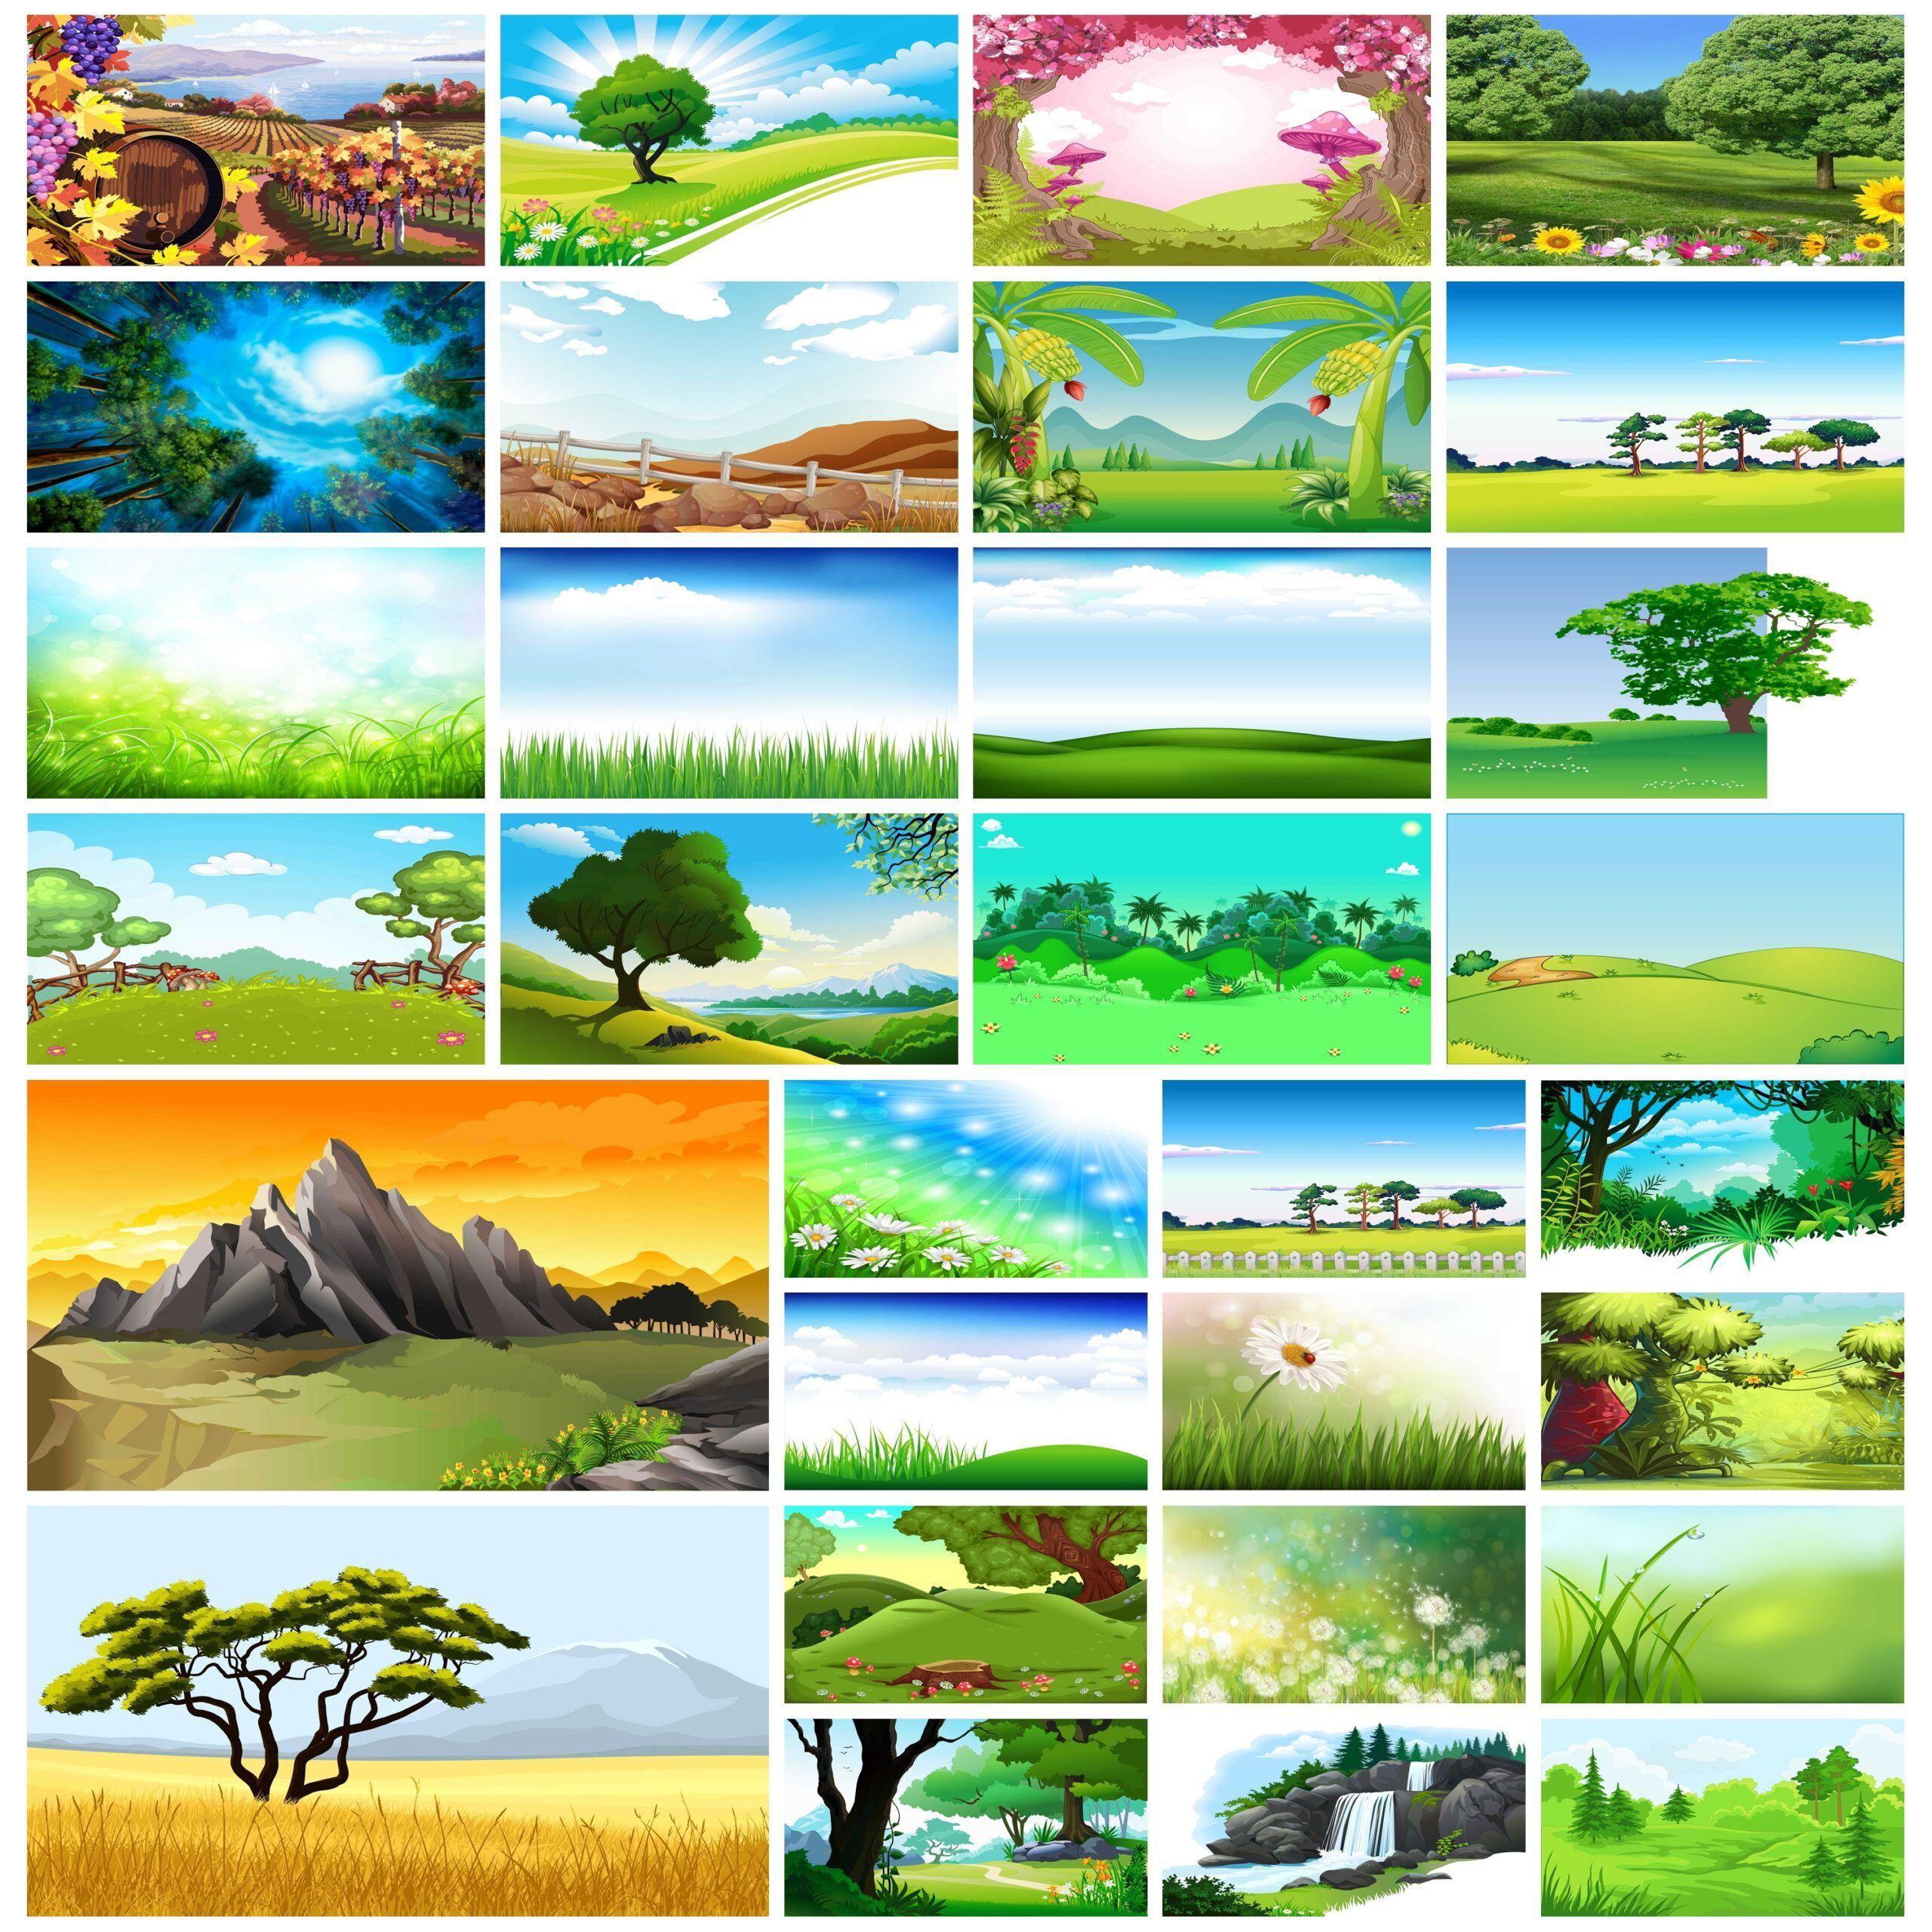 خلفيات الربيع ذات المناظر الطبيعية لعروض البوربوينت In 2021